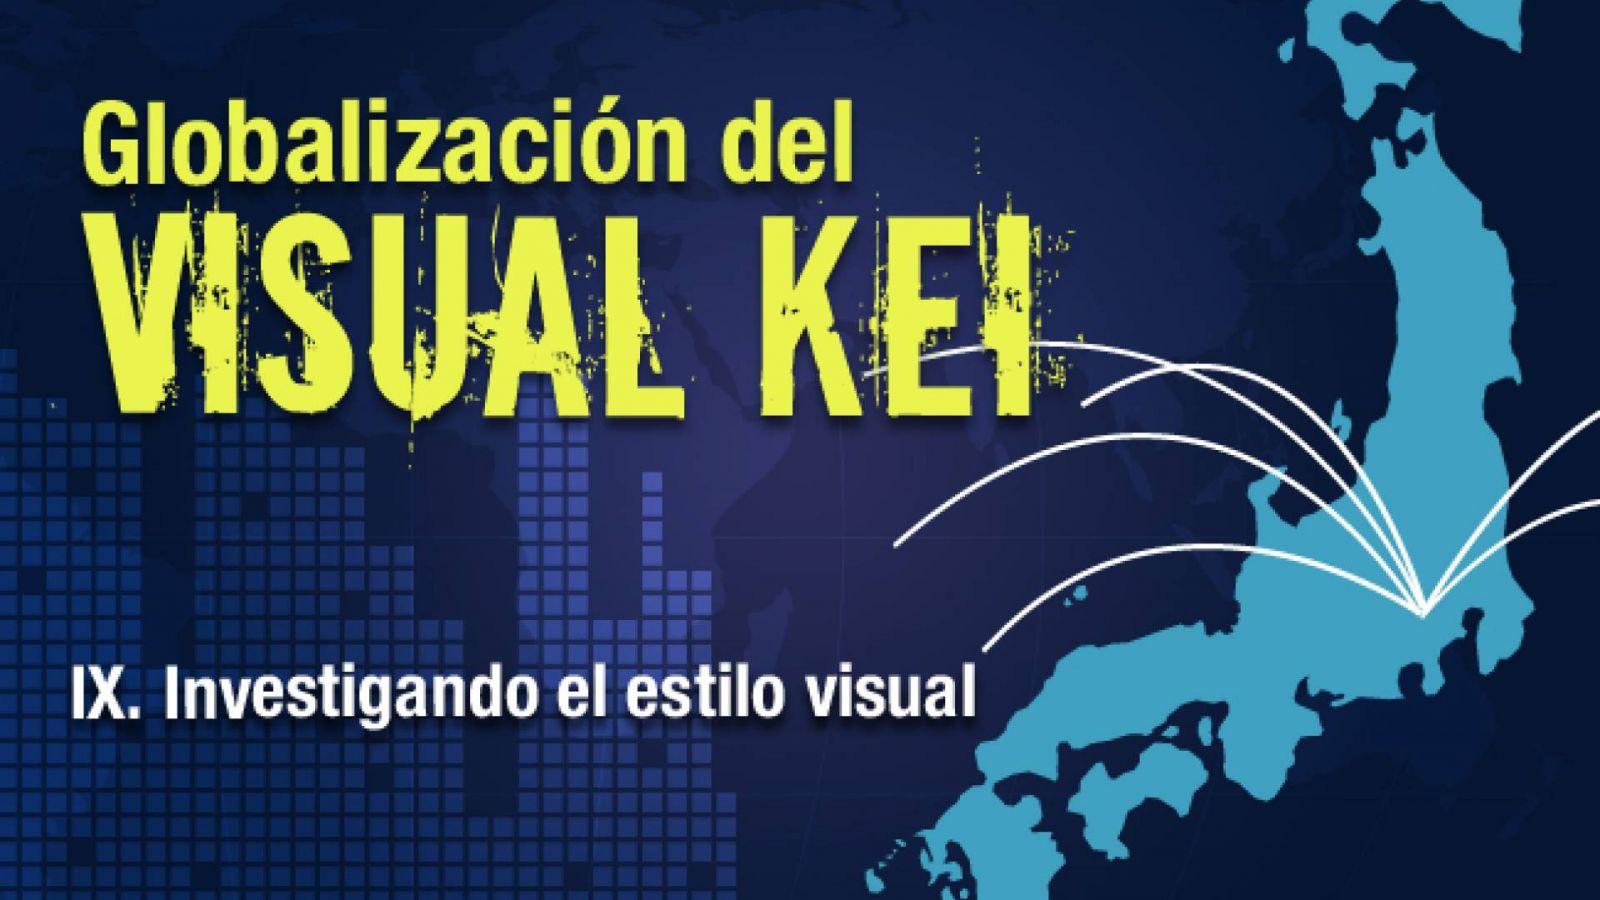 La globalización del Visual Kei: Investigando el estilo visual © Lydia Michalitsianos